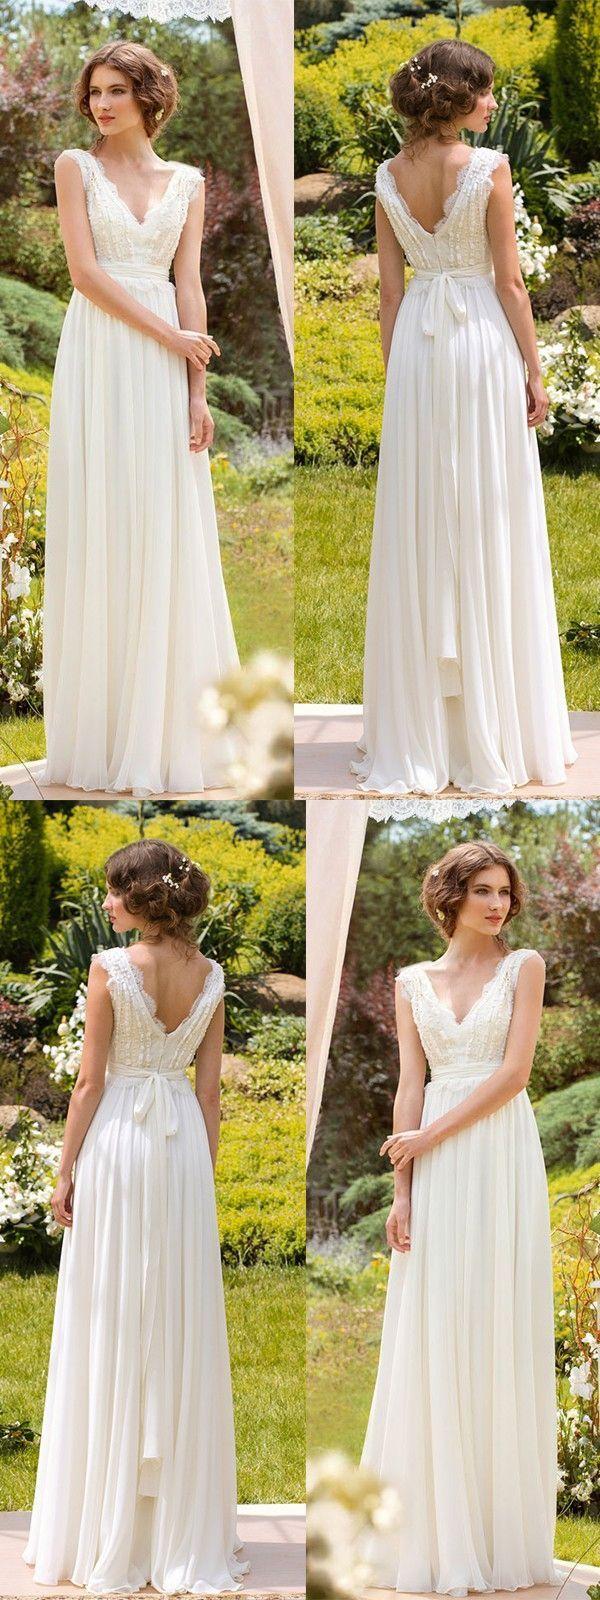 Einfache Brautkleider V-Ausschnitt bodenlangen Chiffon Sexy Lace Brautkleid JKW170 – Hochzeit und Braut